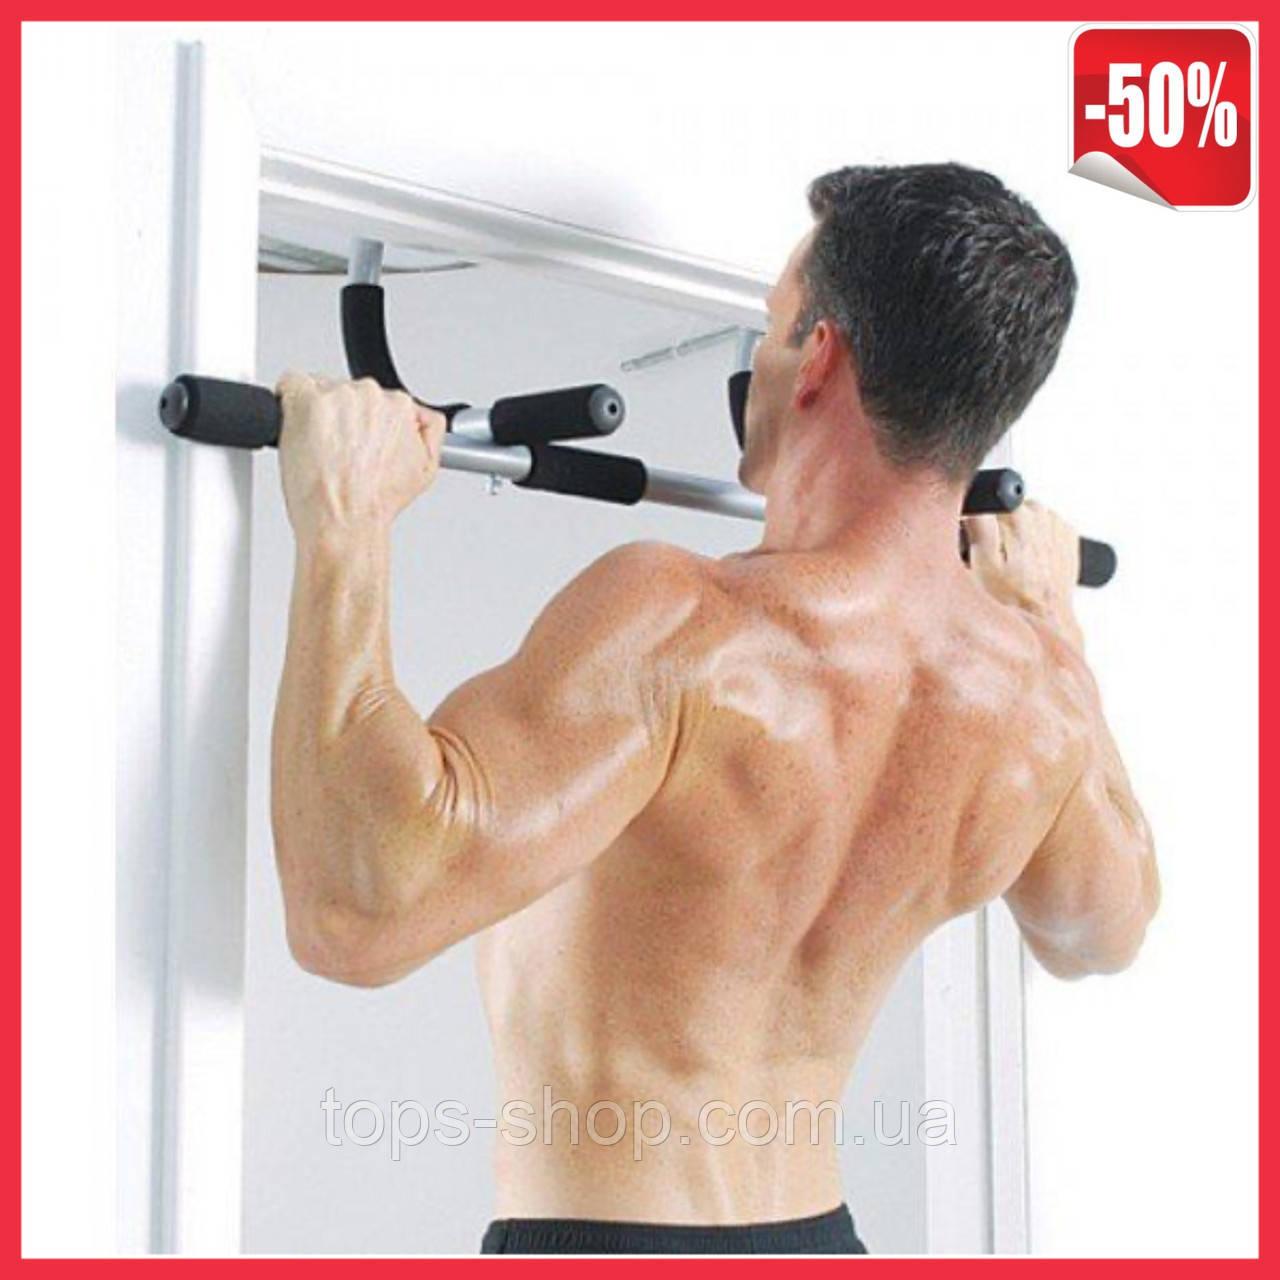 Универсальный домашний турник Iron Gym турник для дома в дверной проем домашний турник в дверной проём